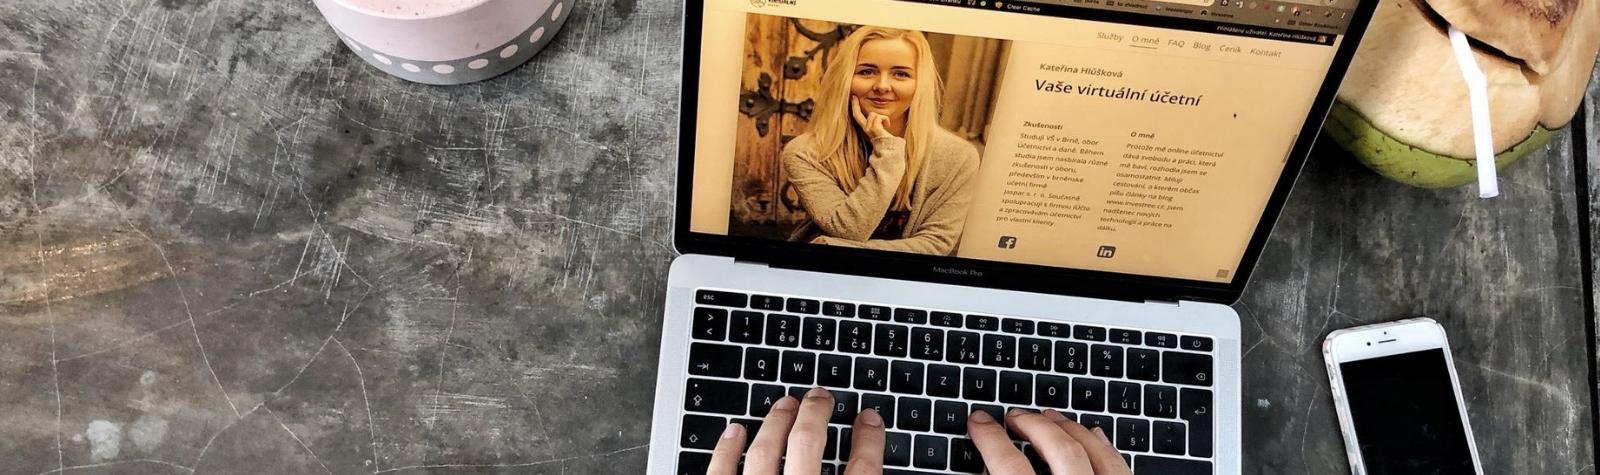 Díky online účetnictví už po úřadech a za účetní nemusíš běhat osobně